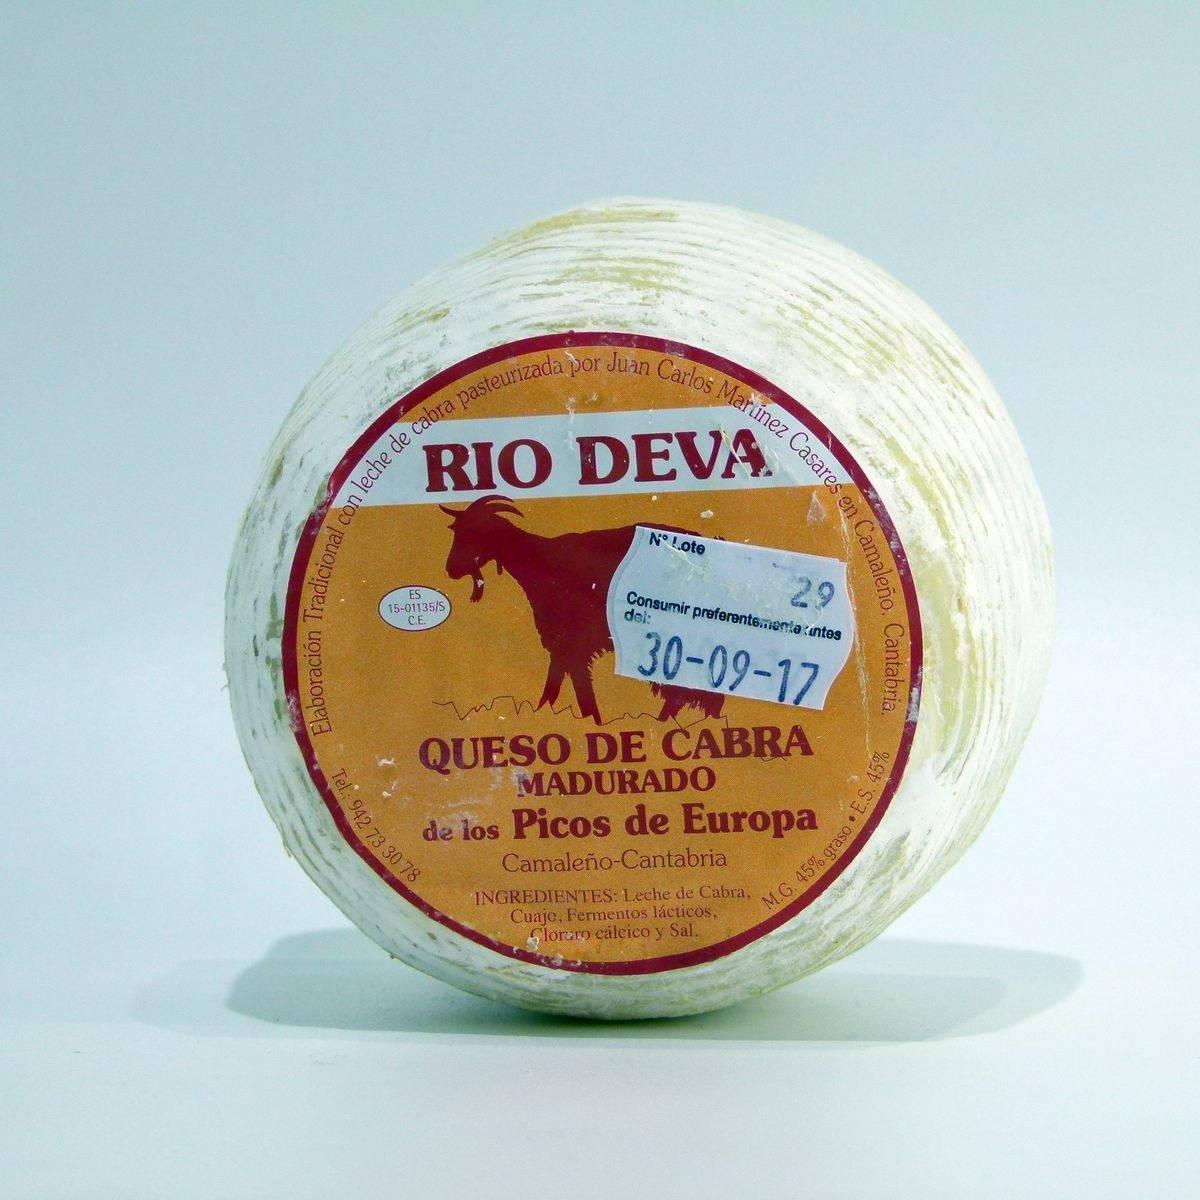 Queso artesano de Cantabria de Cabra madurado Rio Deva